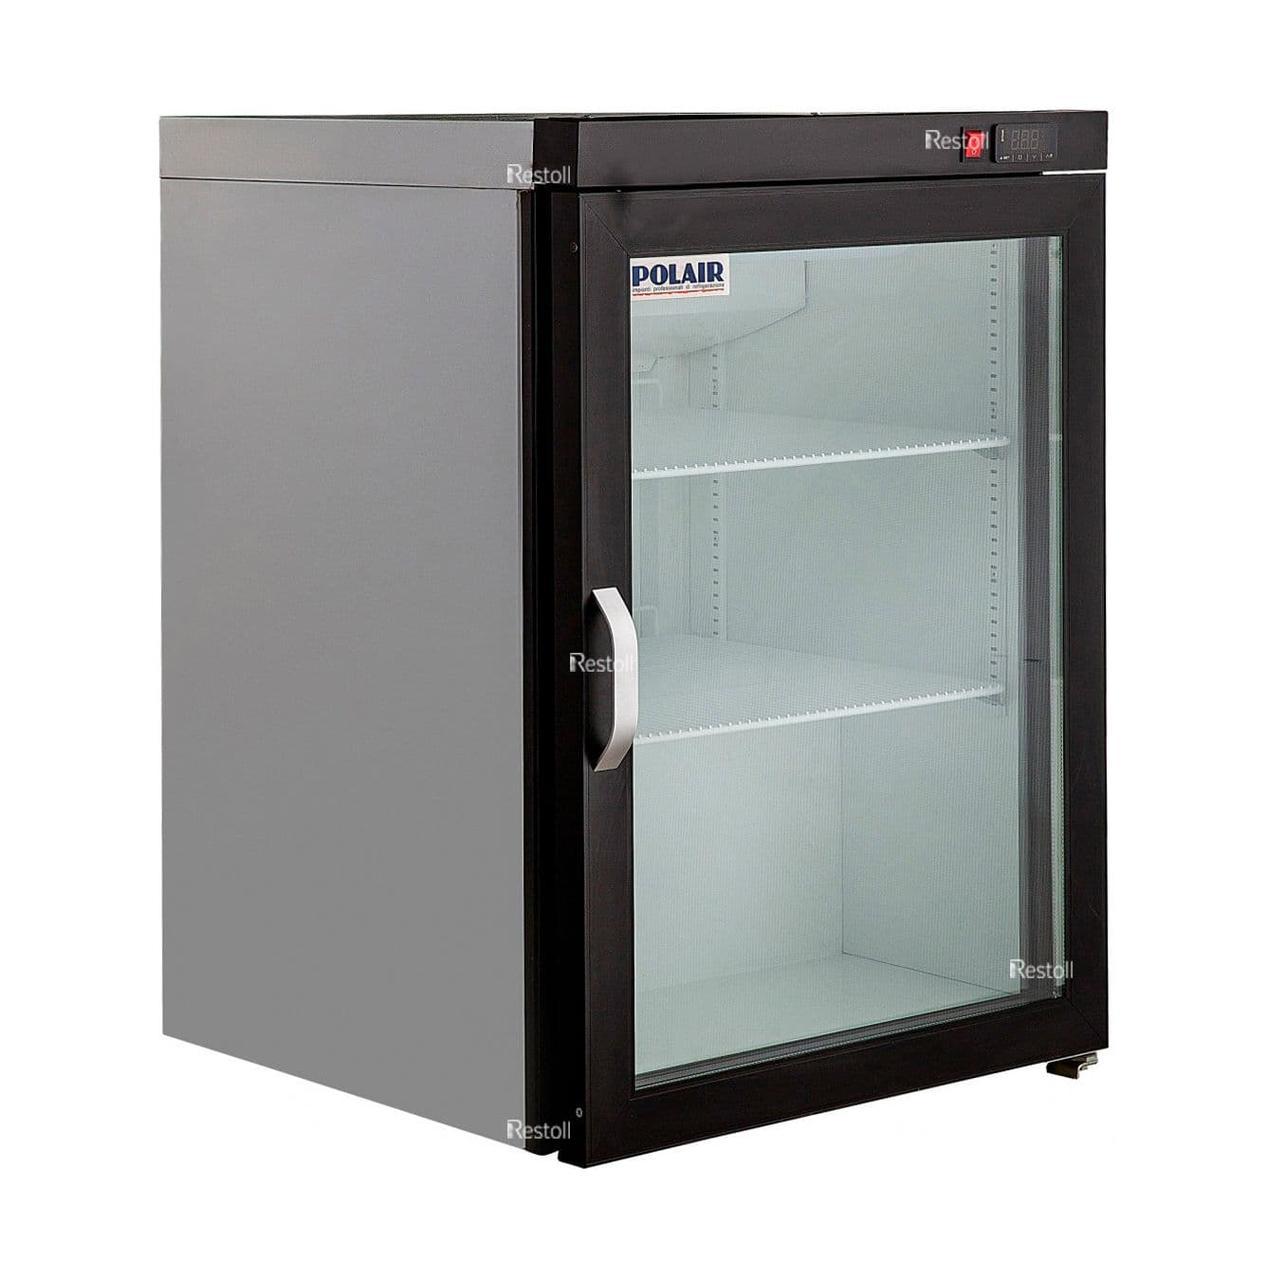 Холодильник мини-бар Polair DM102-Bravo